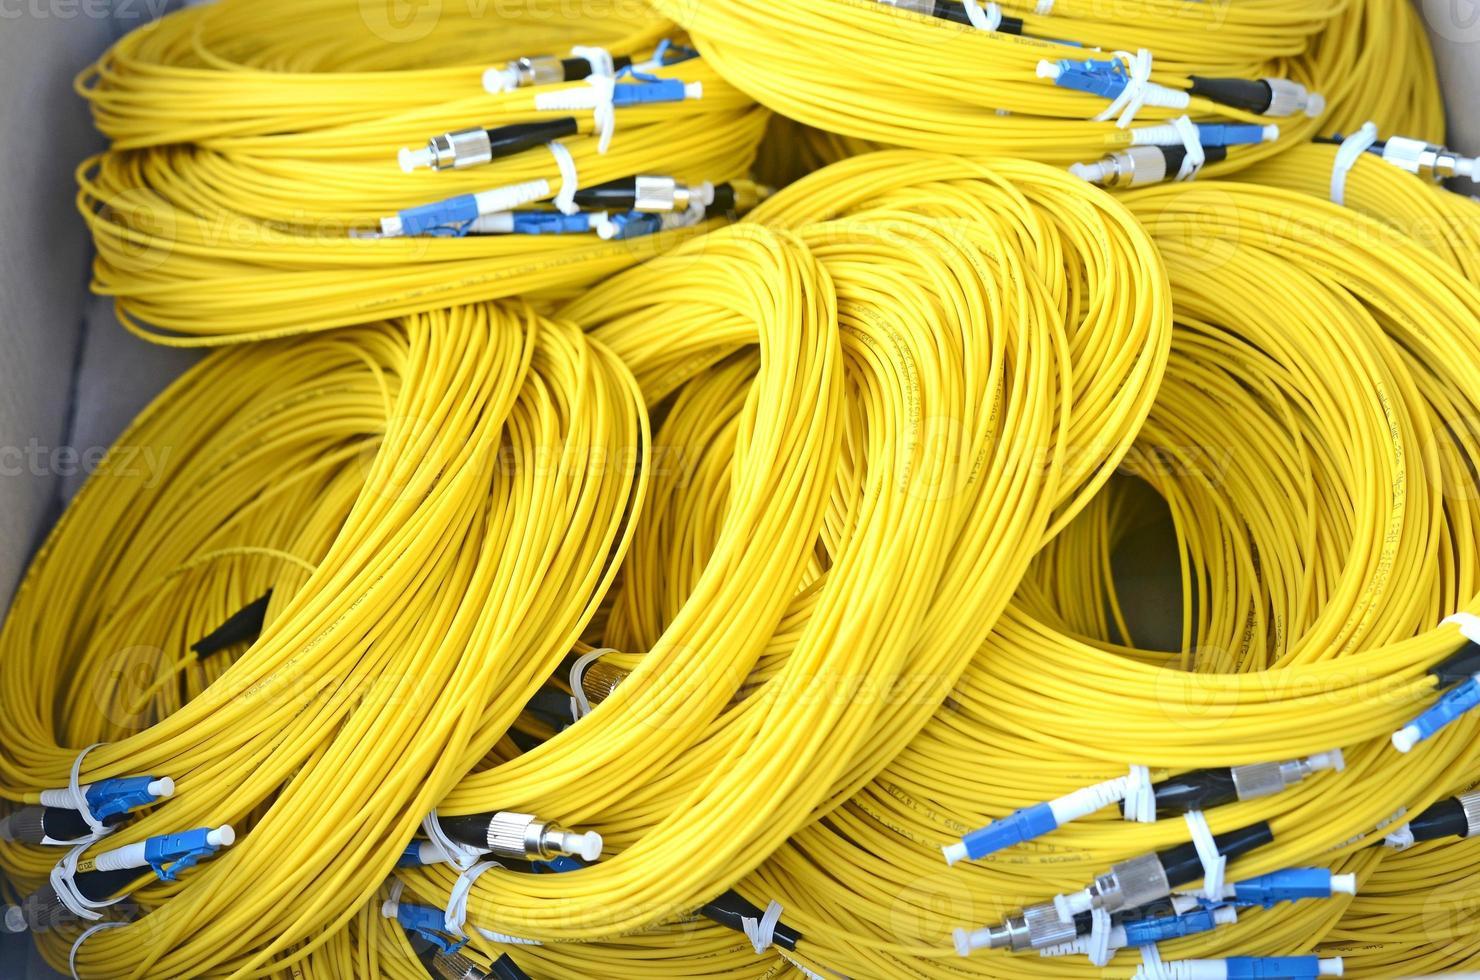 cables amarillos de fibra obtical. foto